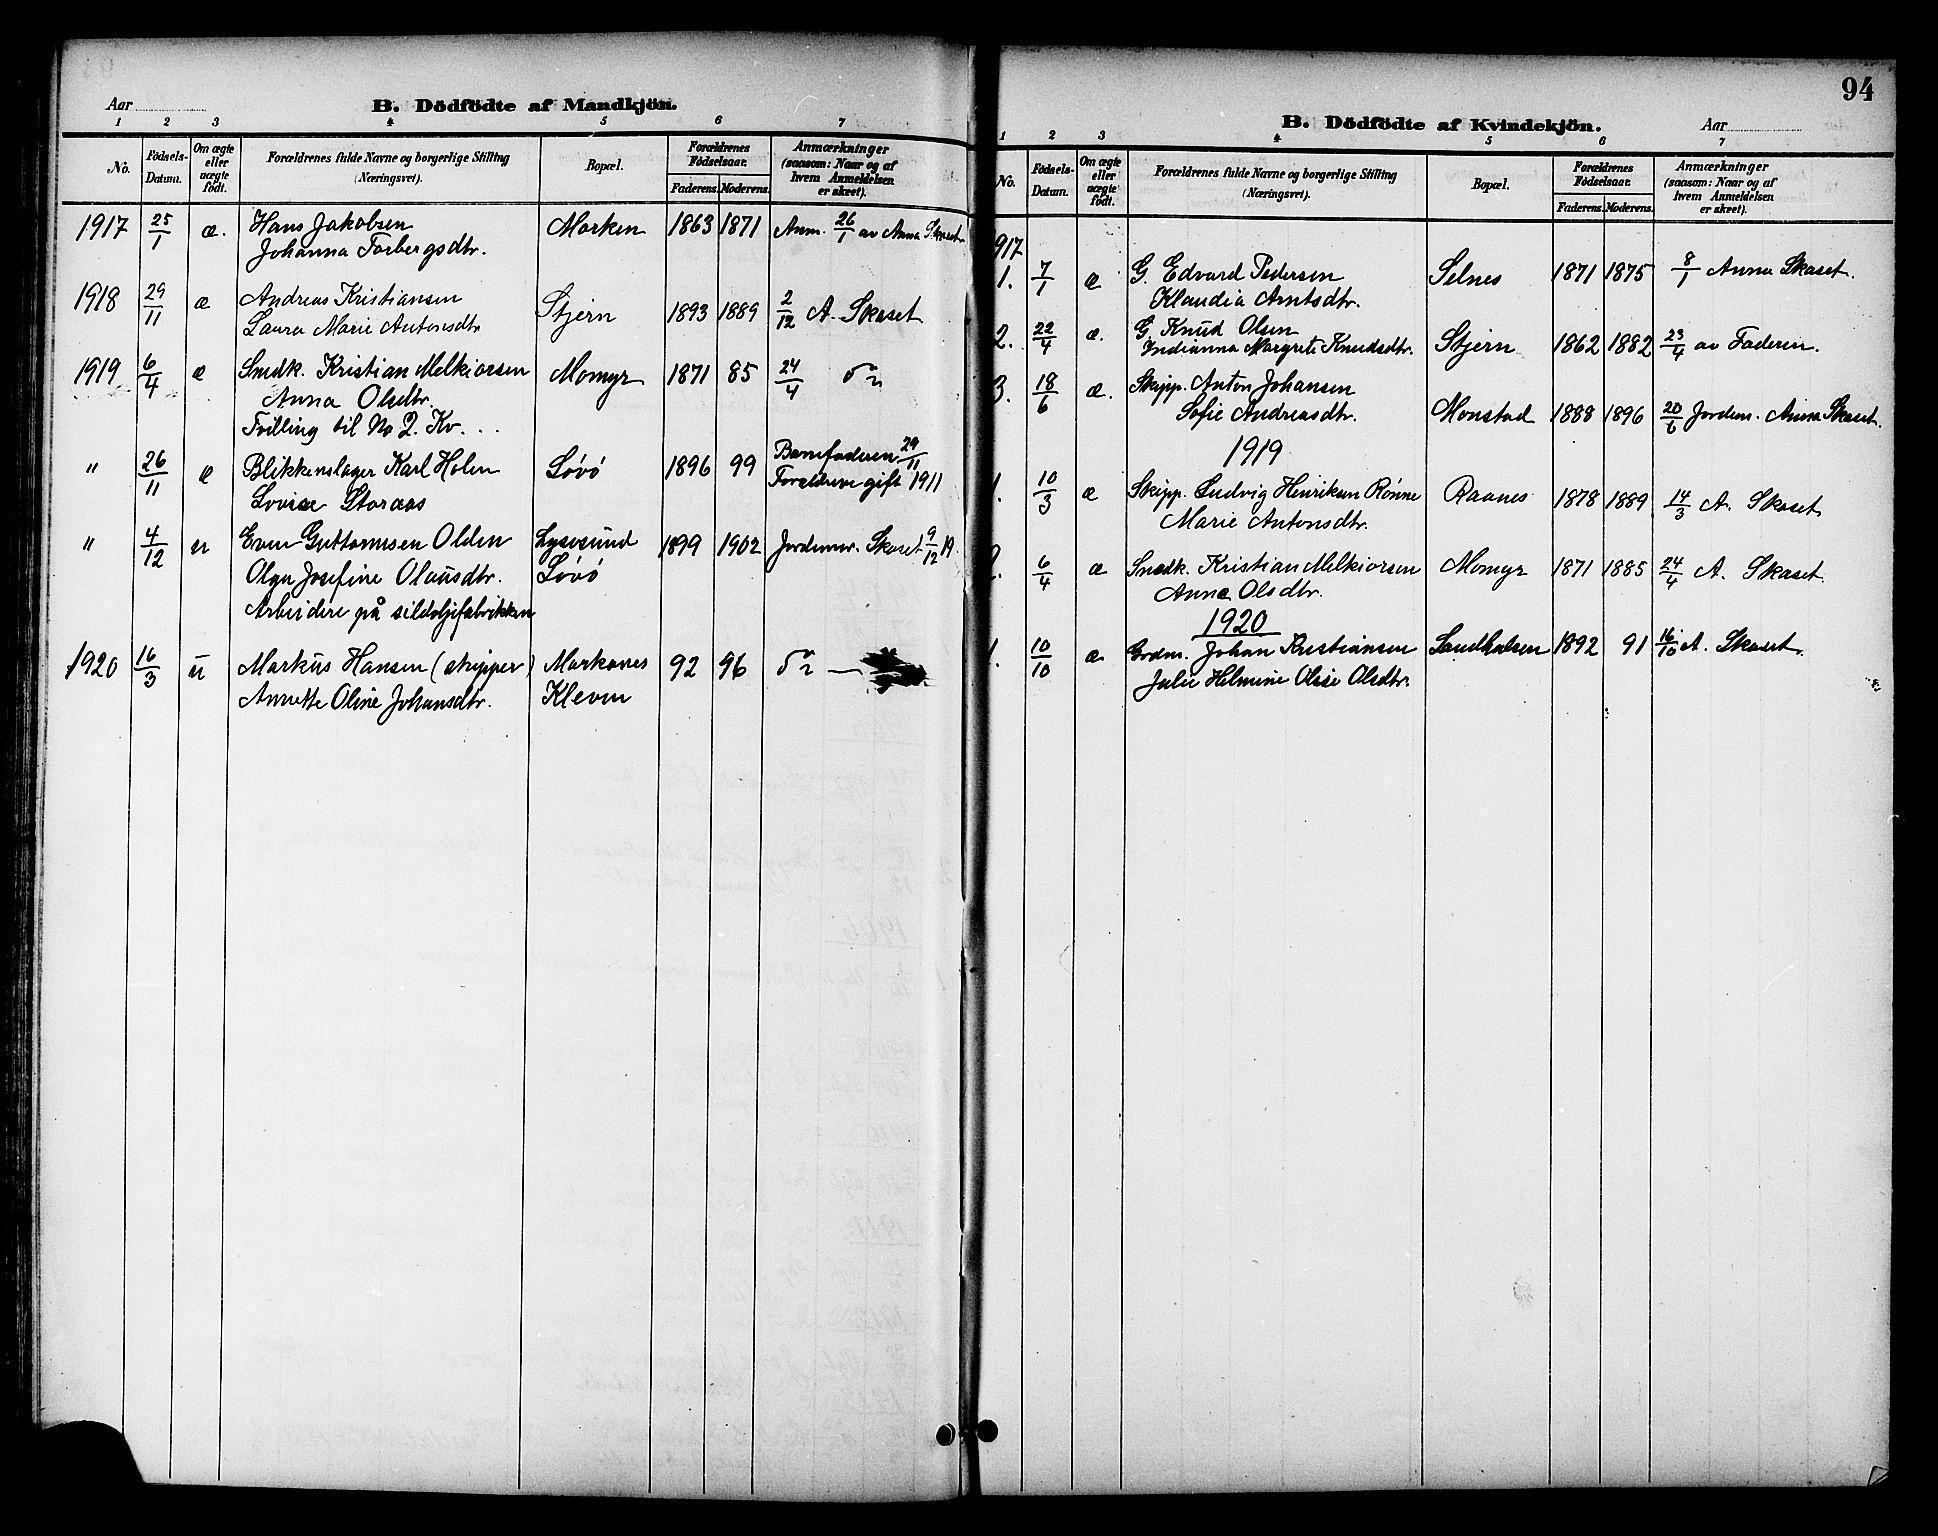 SAT, Ministerialprotokoller, klokkerbøker og fødselsregistre - Sør-Trøndelag, 655/L0688: Klokkerbok nr. 655C04, 1899-1922, s. 94